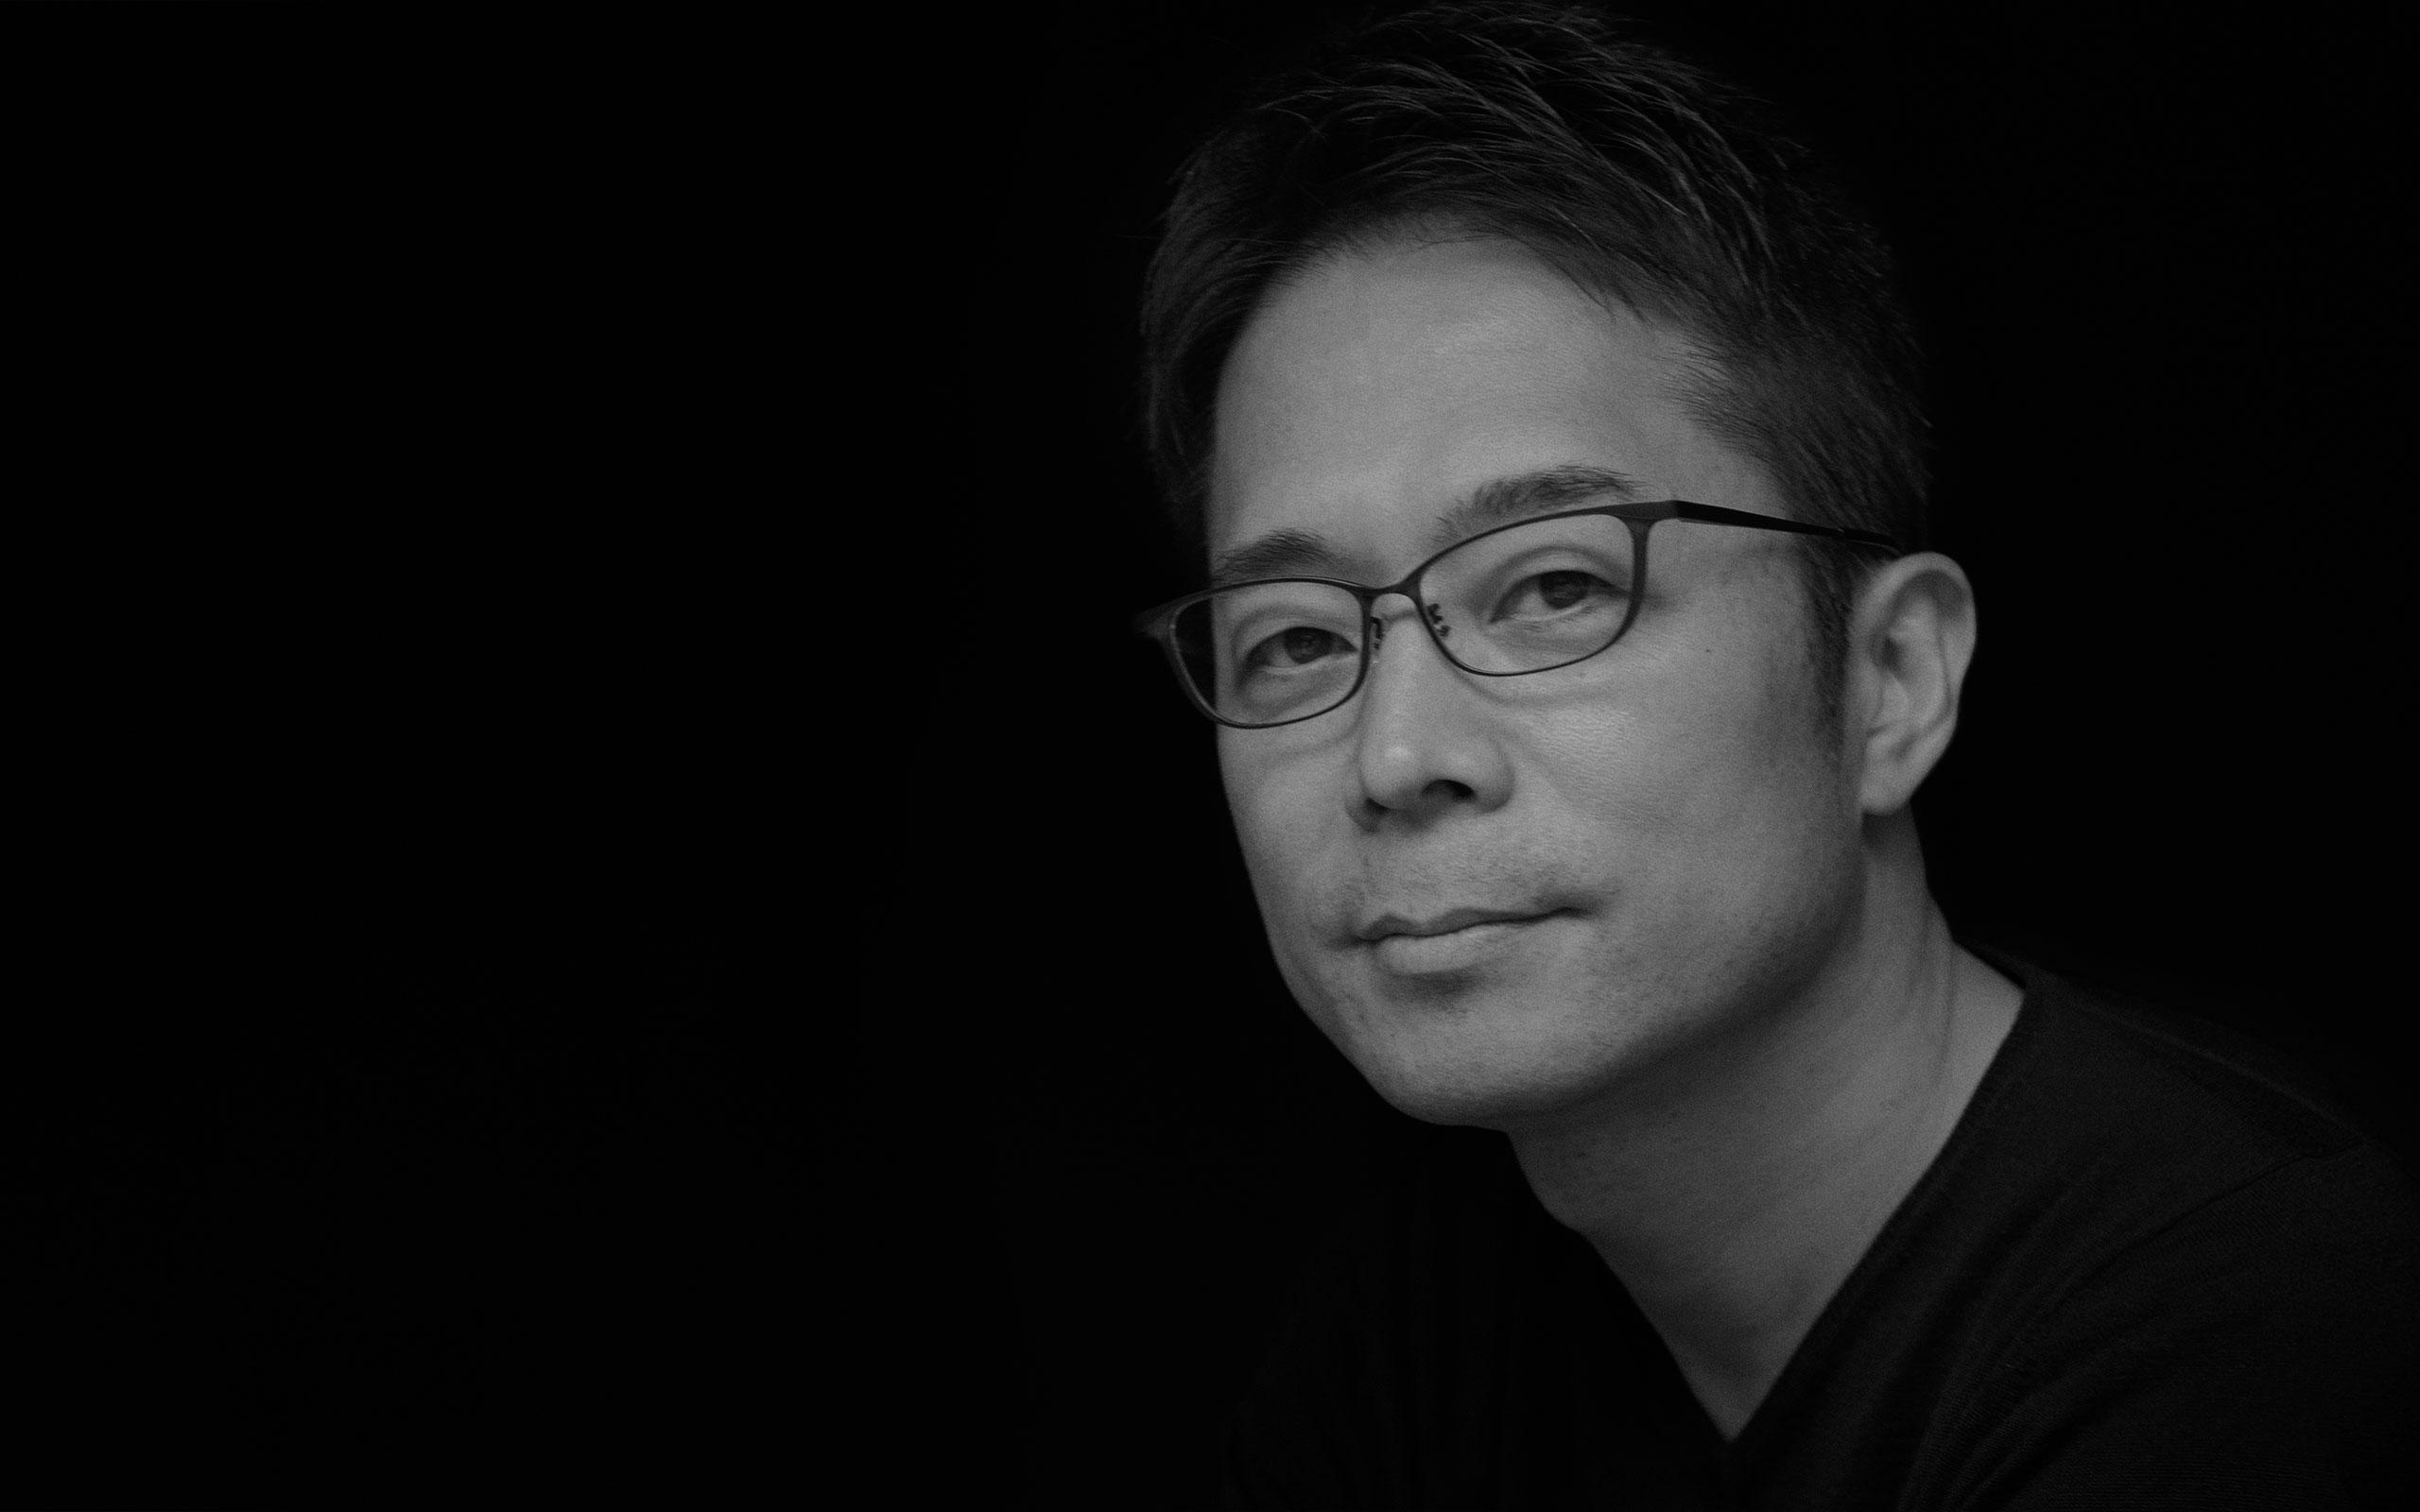 形を超えるデザイン、吉岡徳仁インタビュー